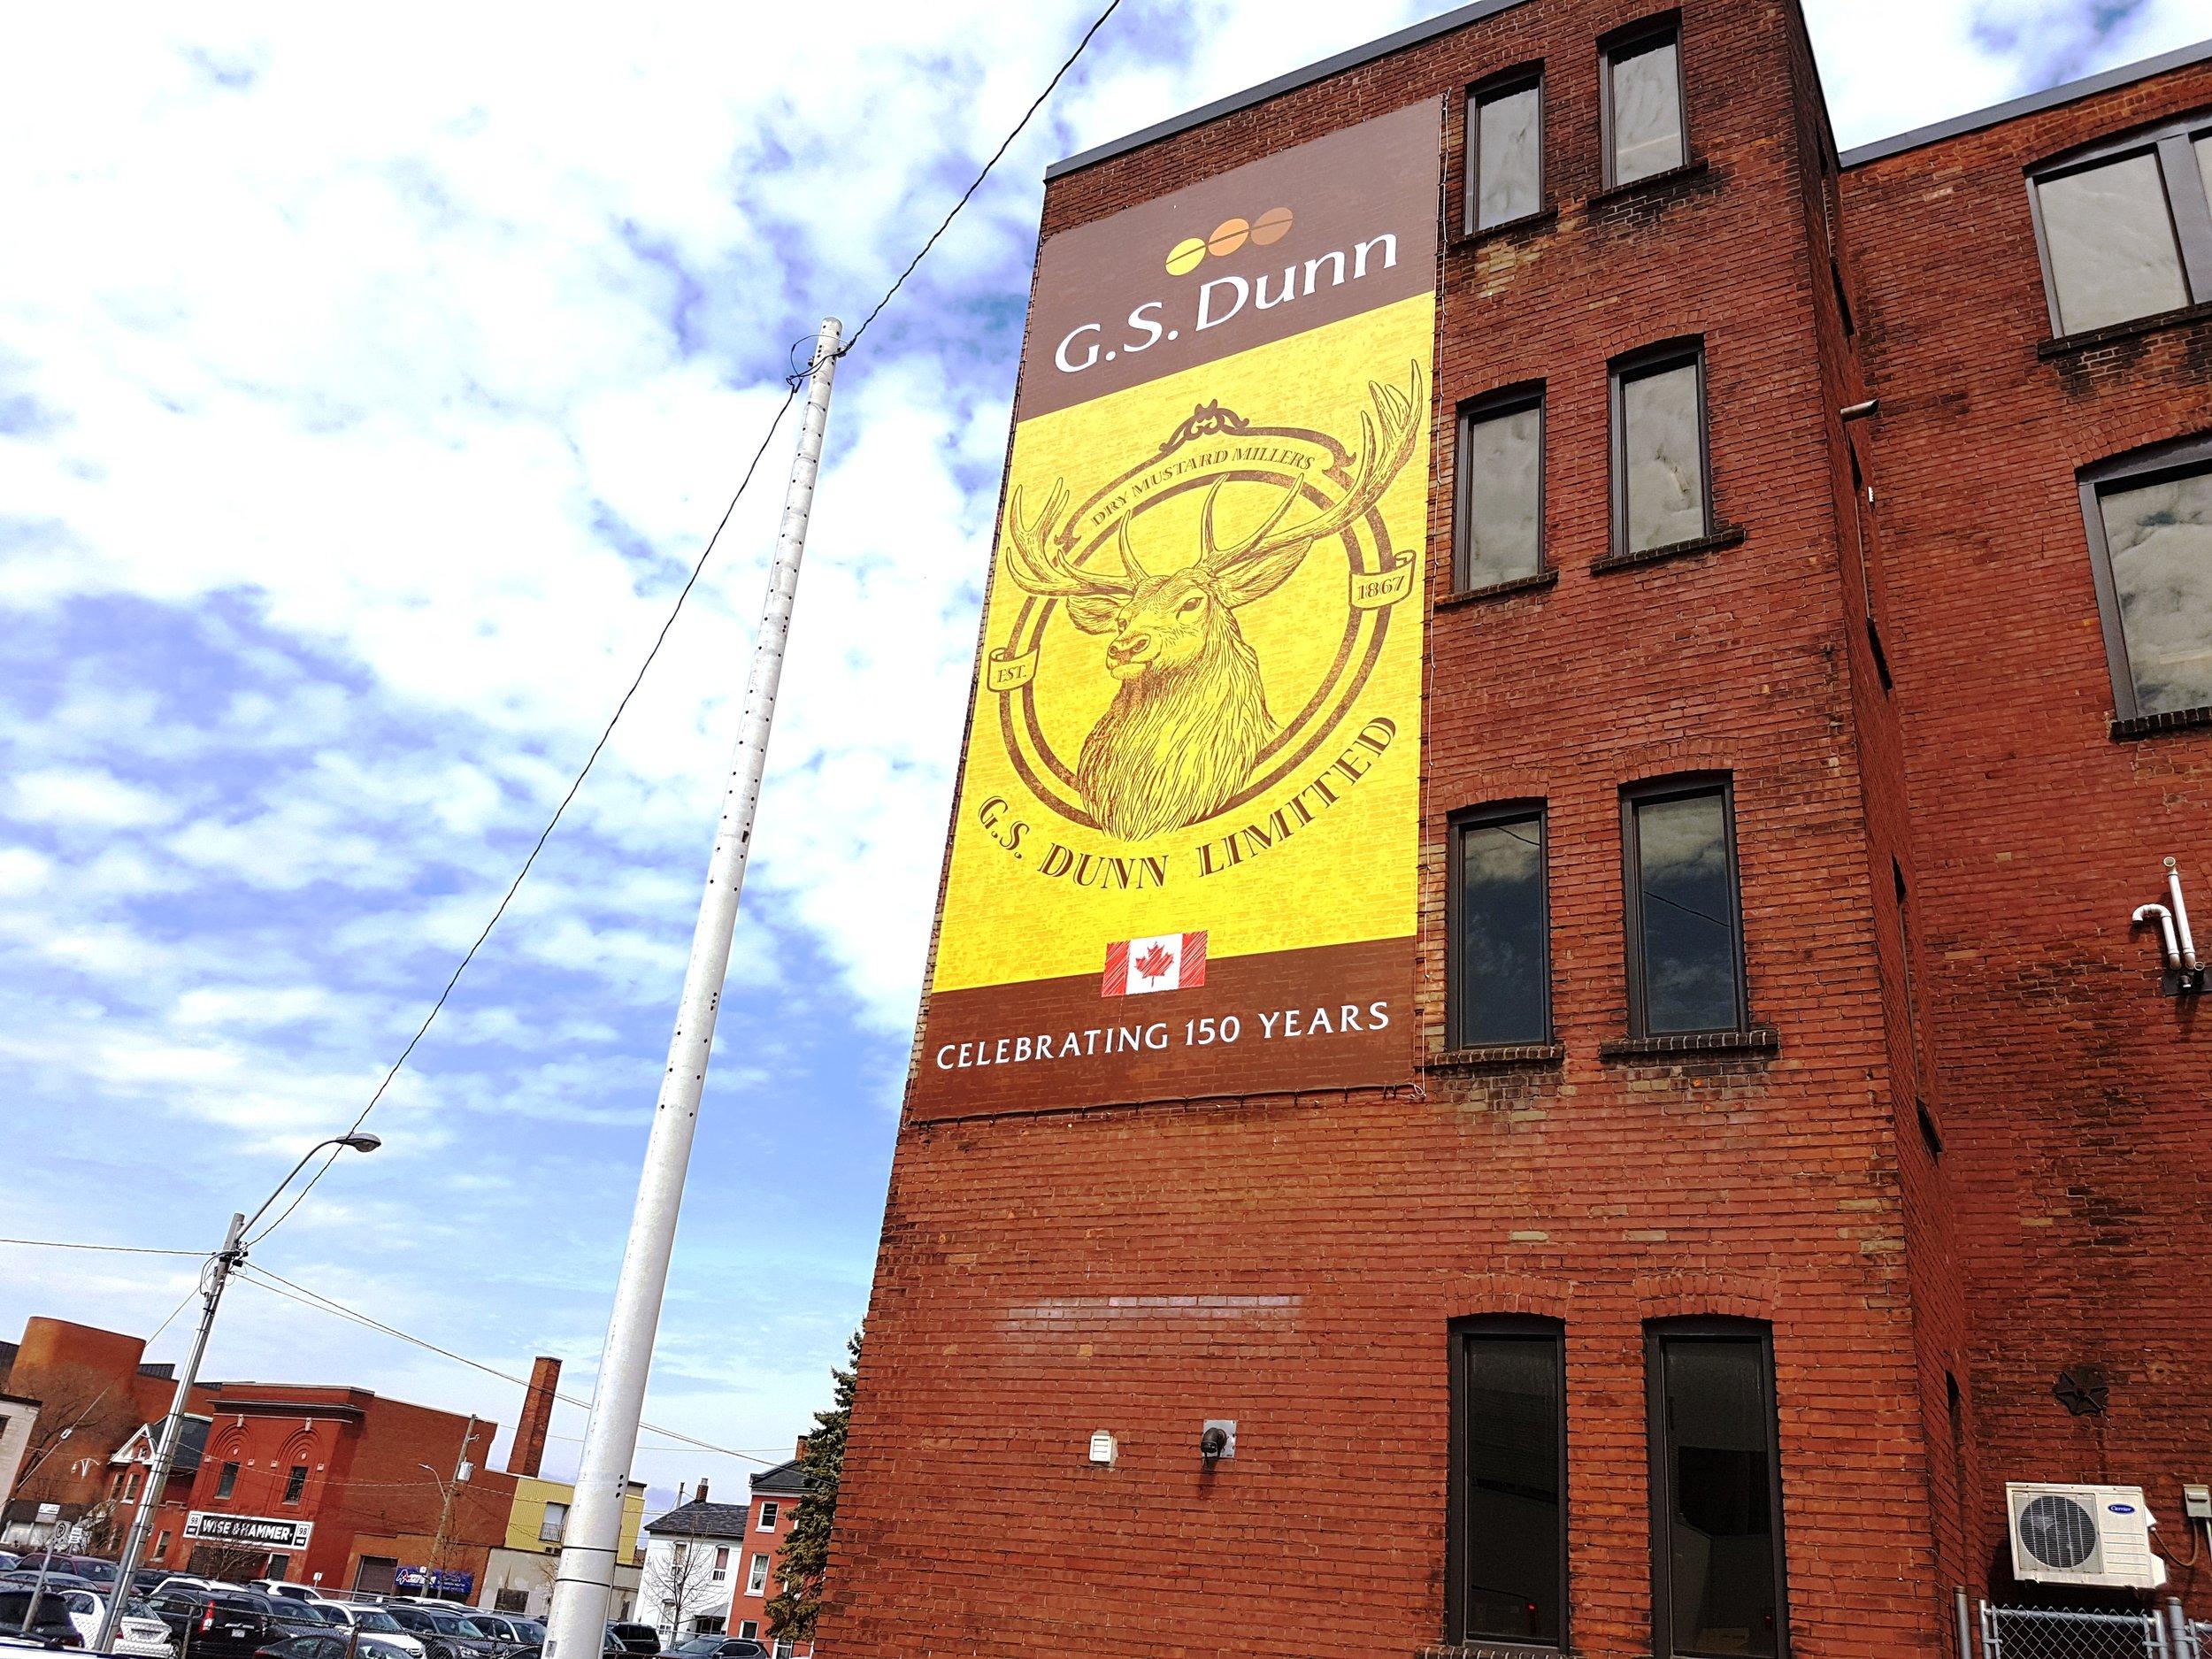 G.S. Dunn - Specialty Banner.jpg